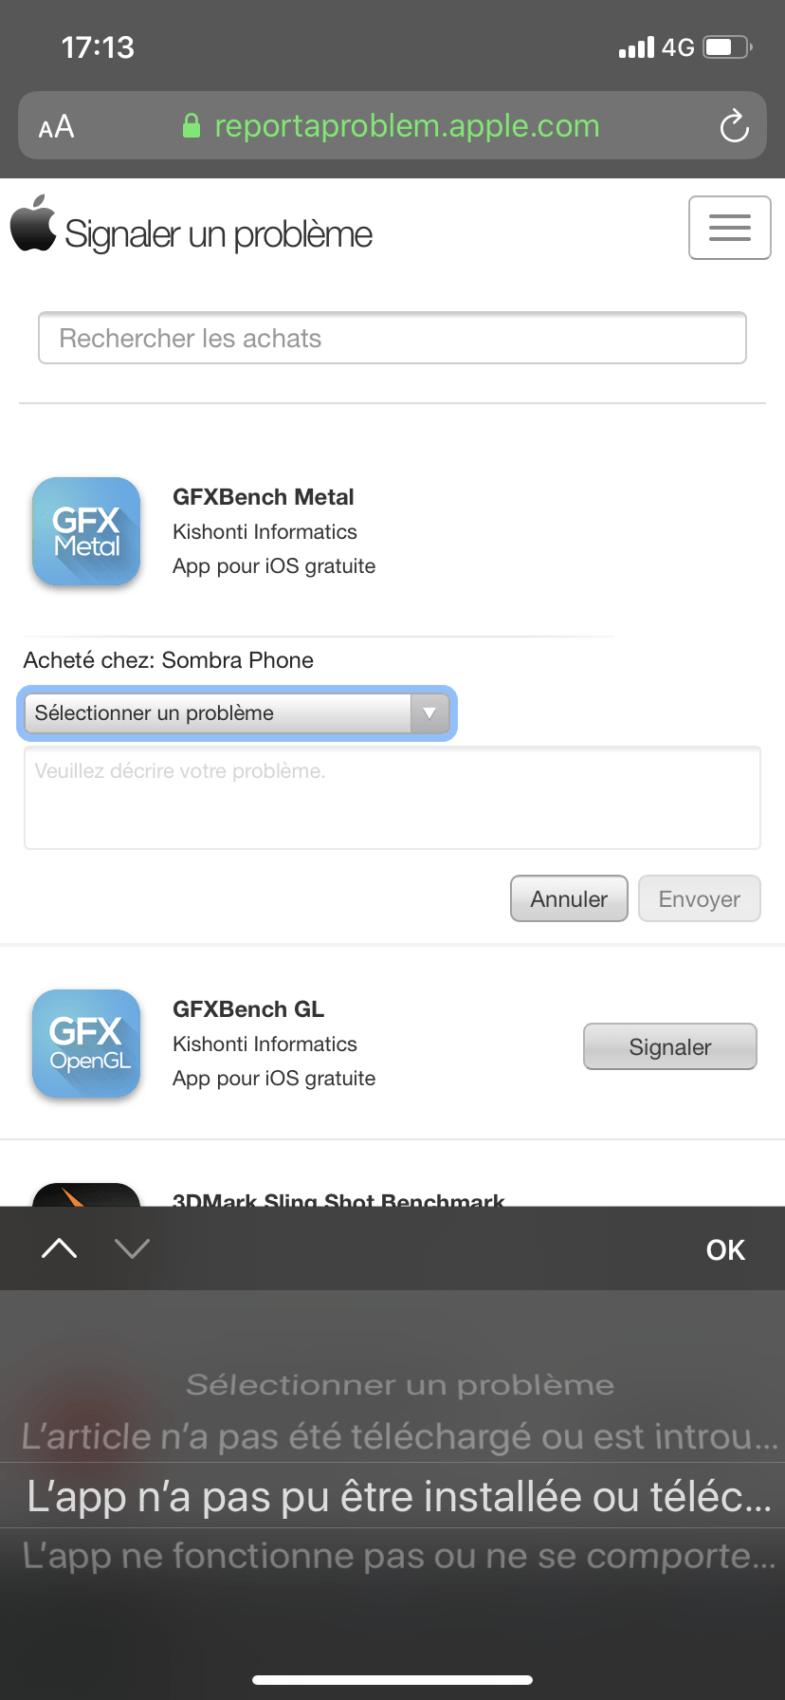 App Store : comment demander un remboursement et désactiver les achats intégrés sur l'iPhone